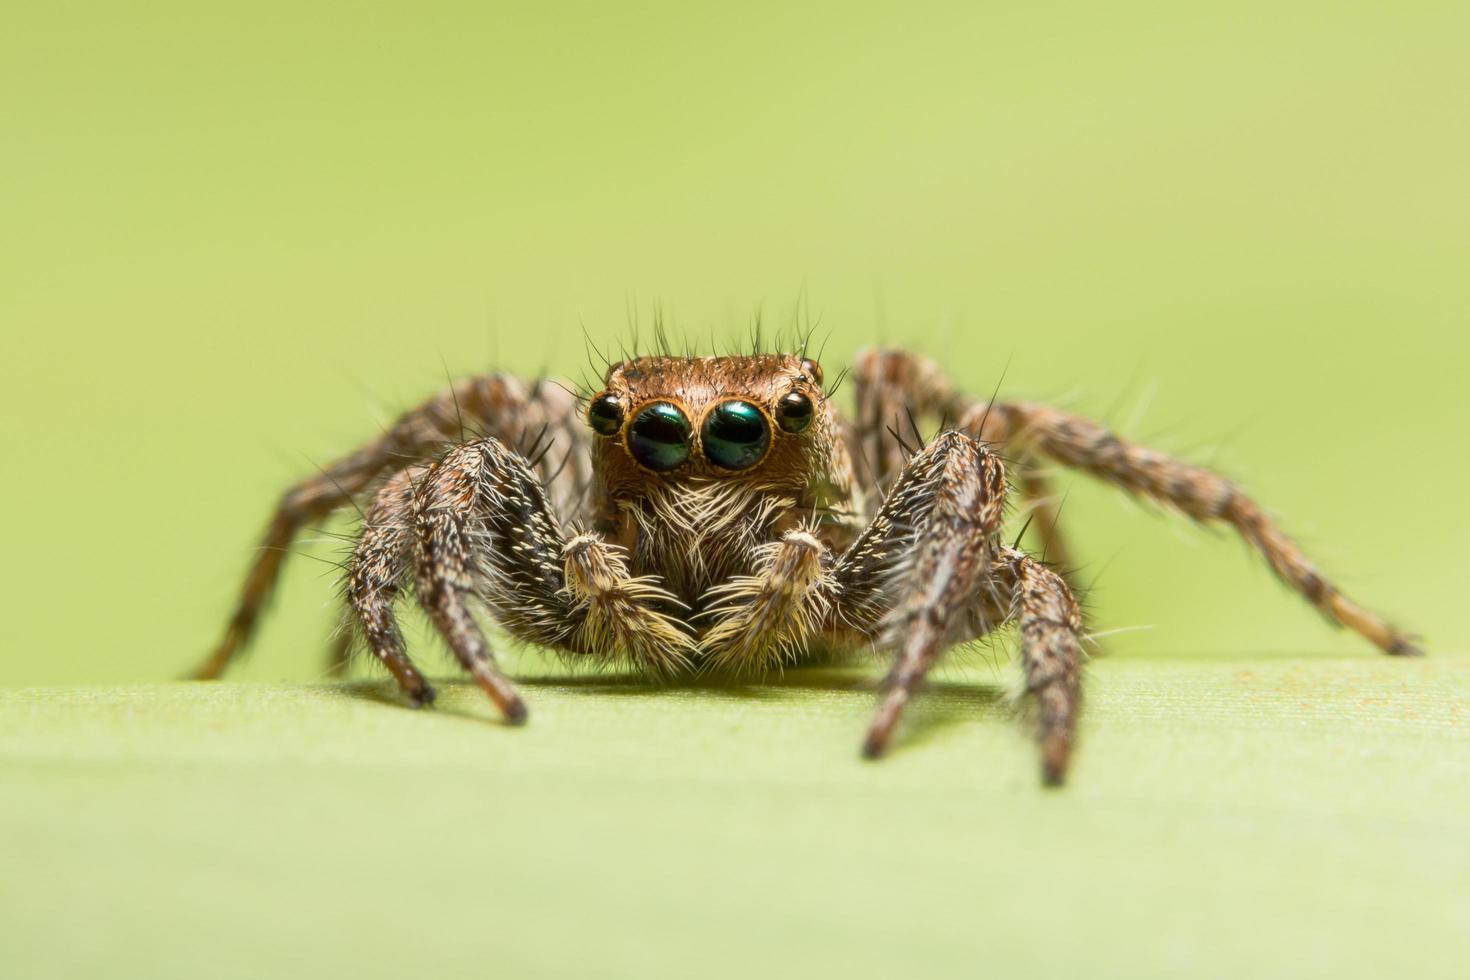 passeggiata ragno su sfondo verde foto